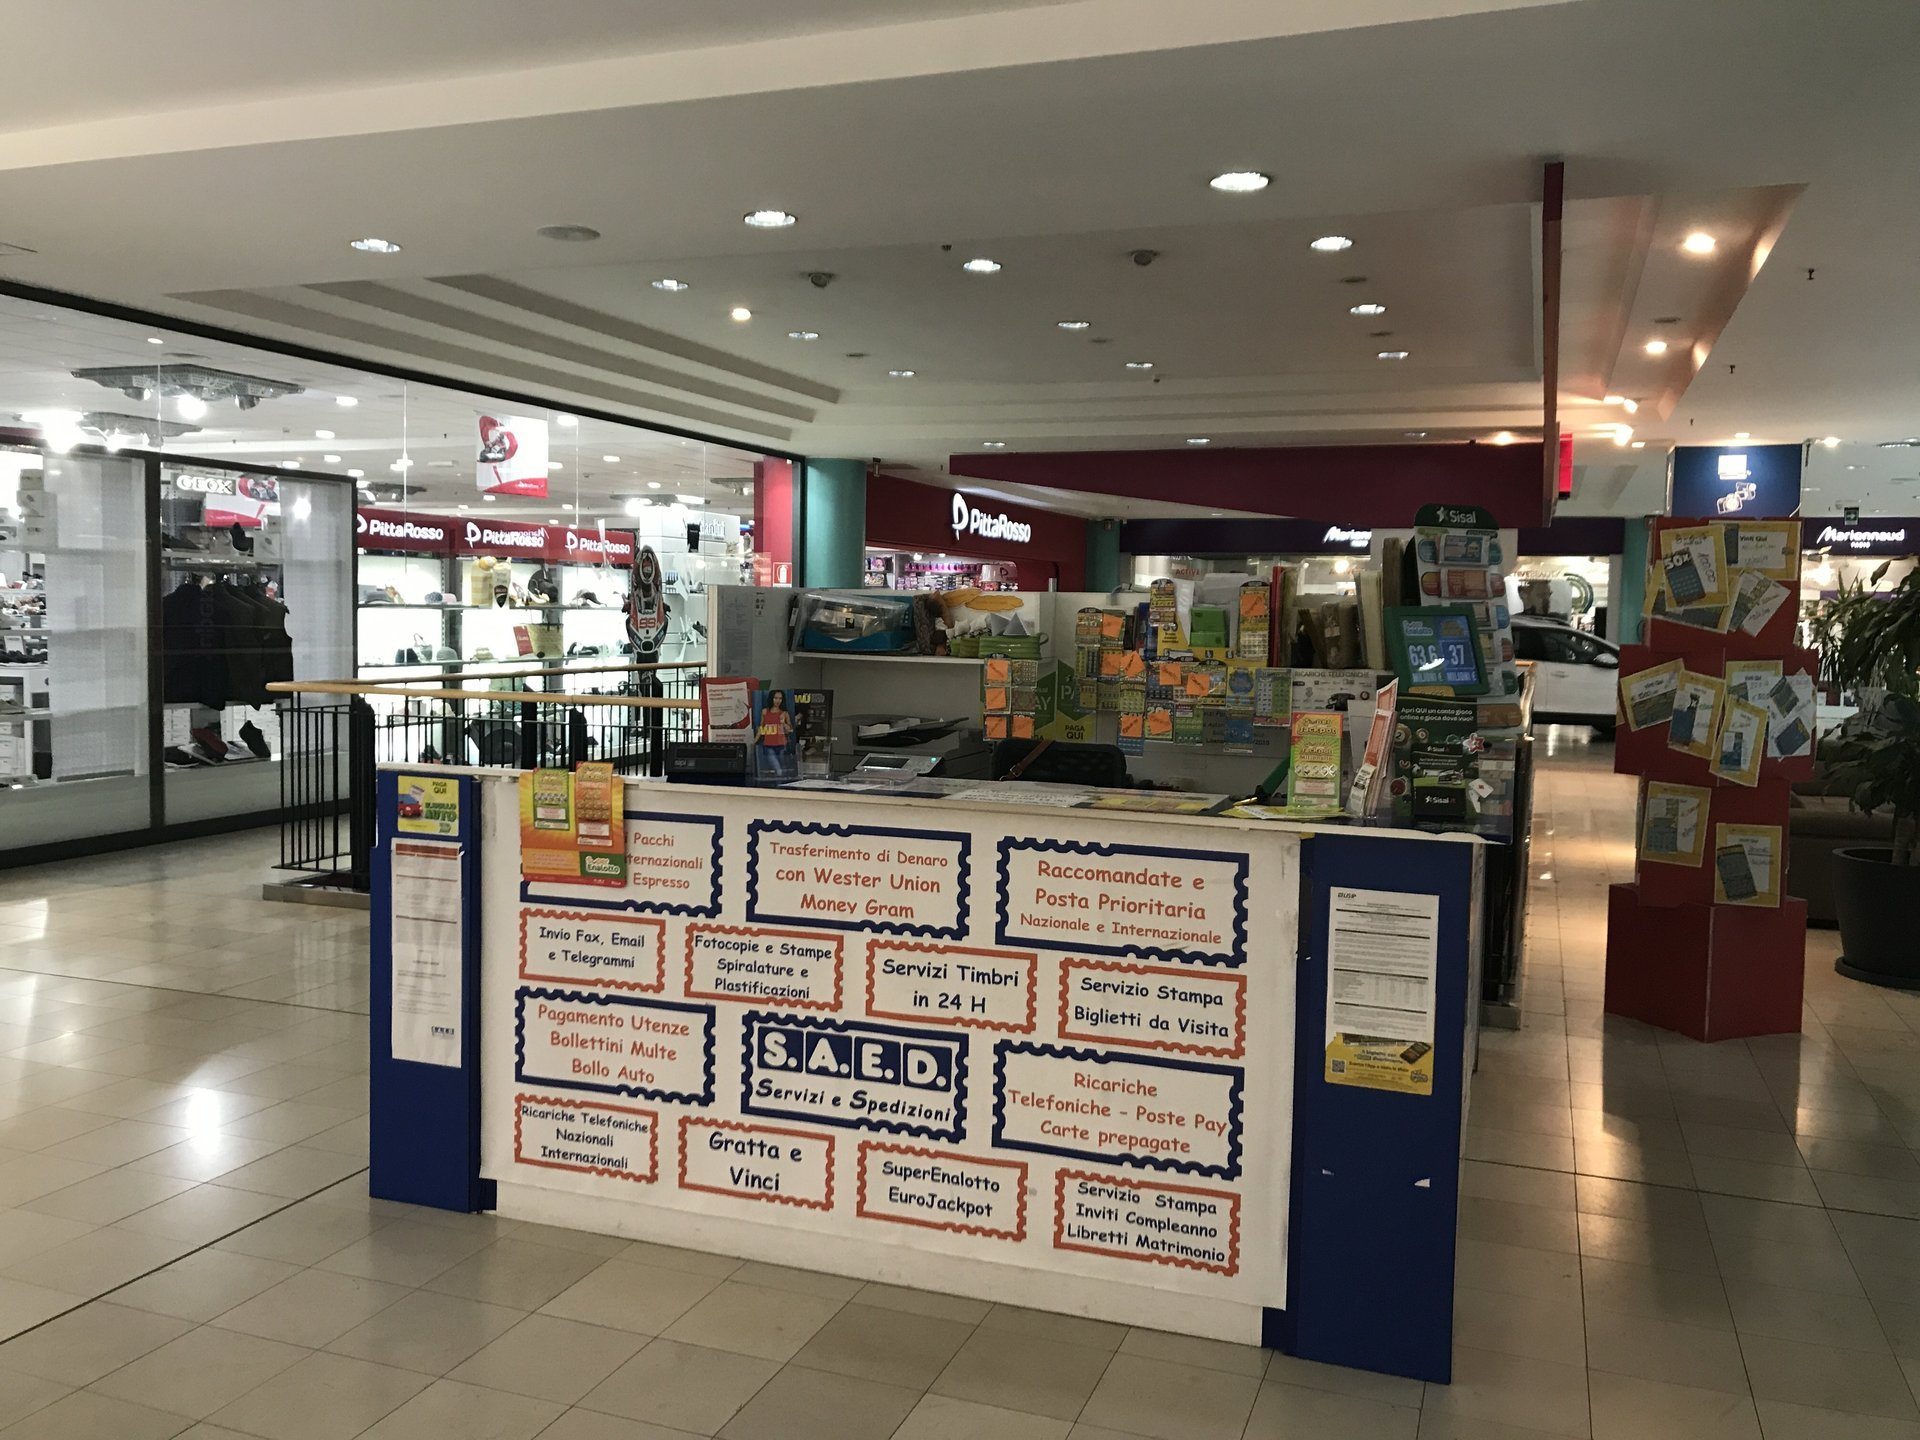 interno centro commerciale con banchetto vendita